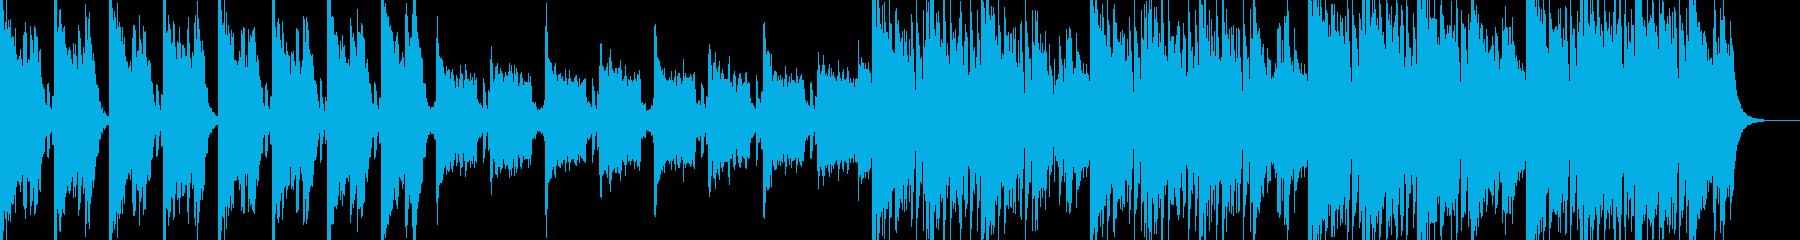 EDMだな!と思う典型的なテクノの再生済みの波形